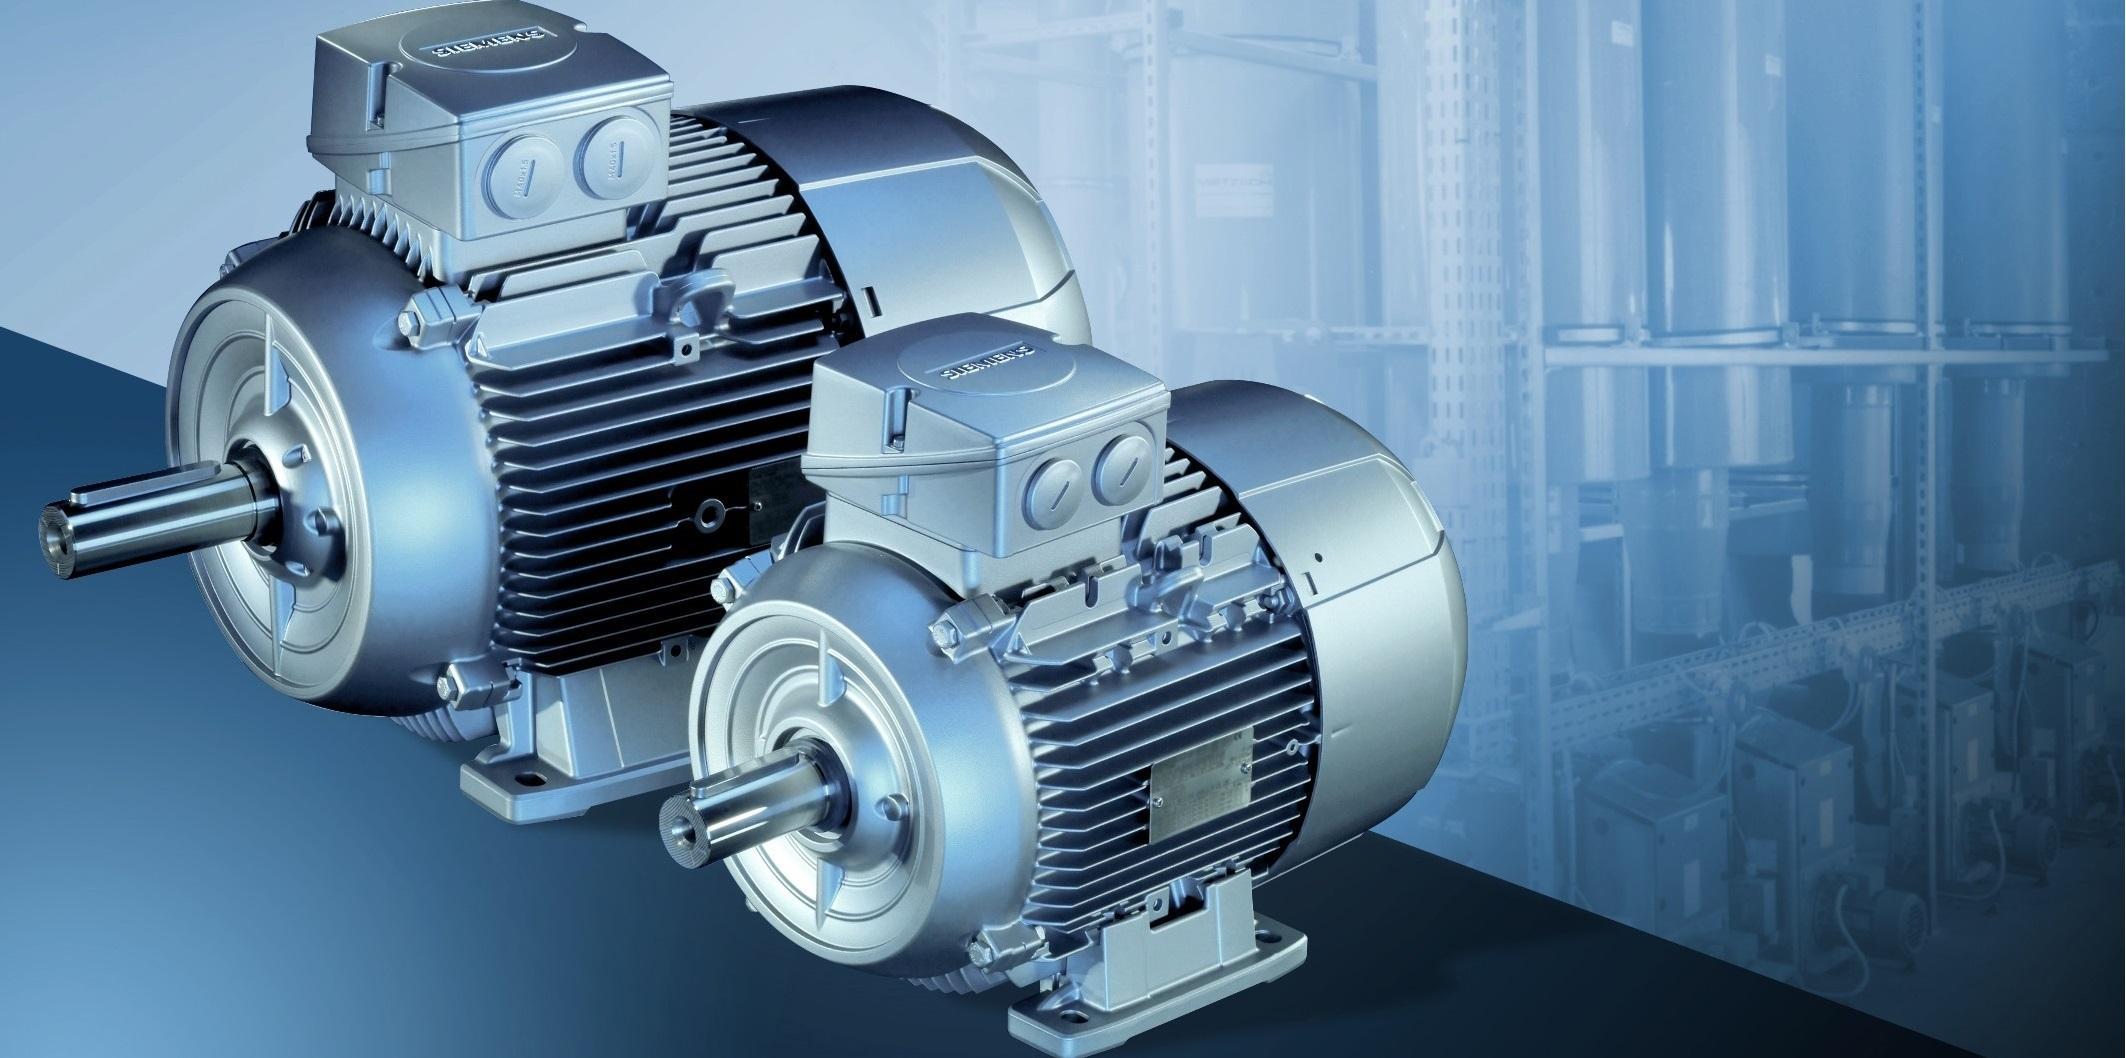 Взрывозащищенные электродвигатели высокой эксплуатационной надежности